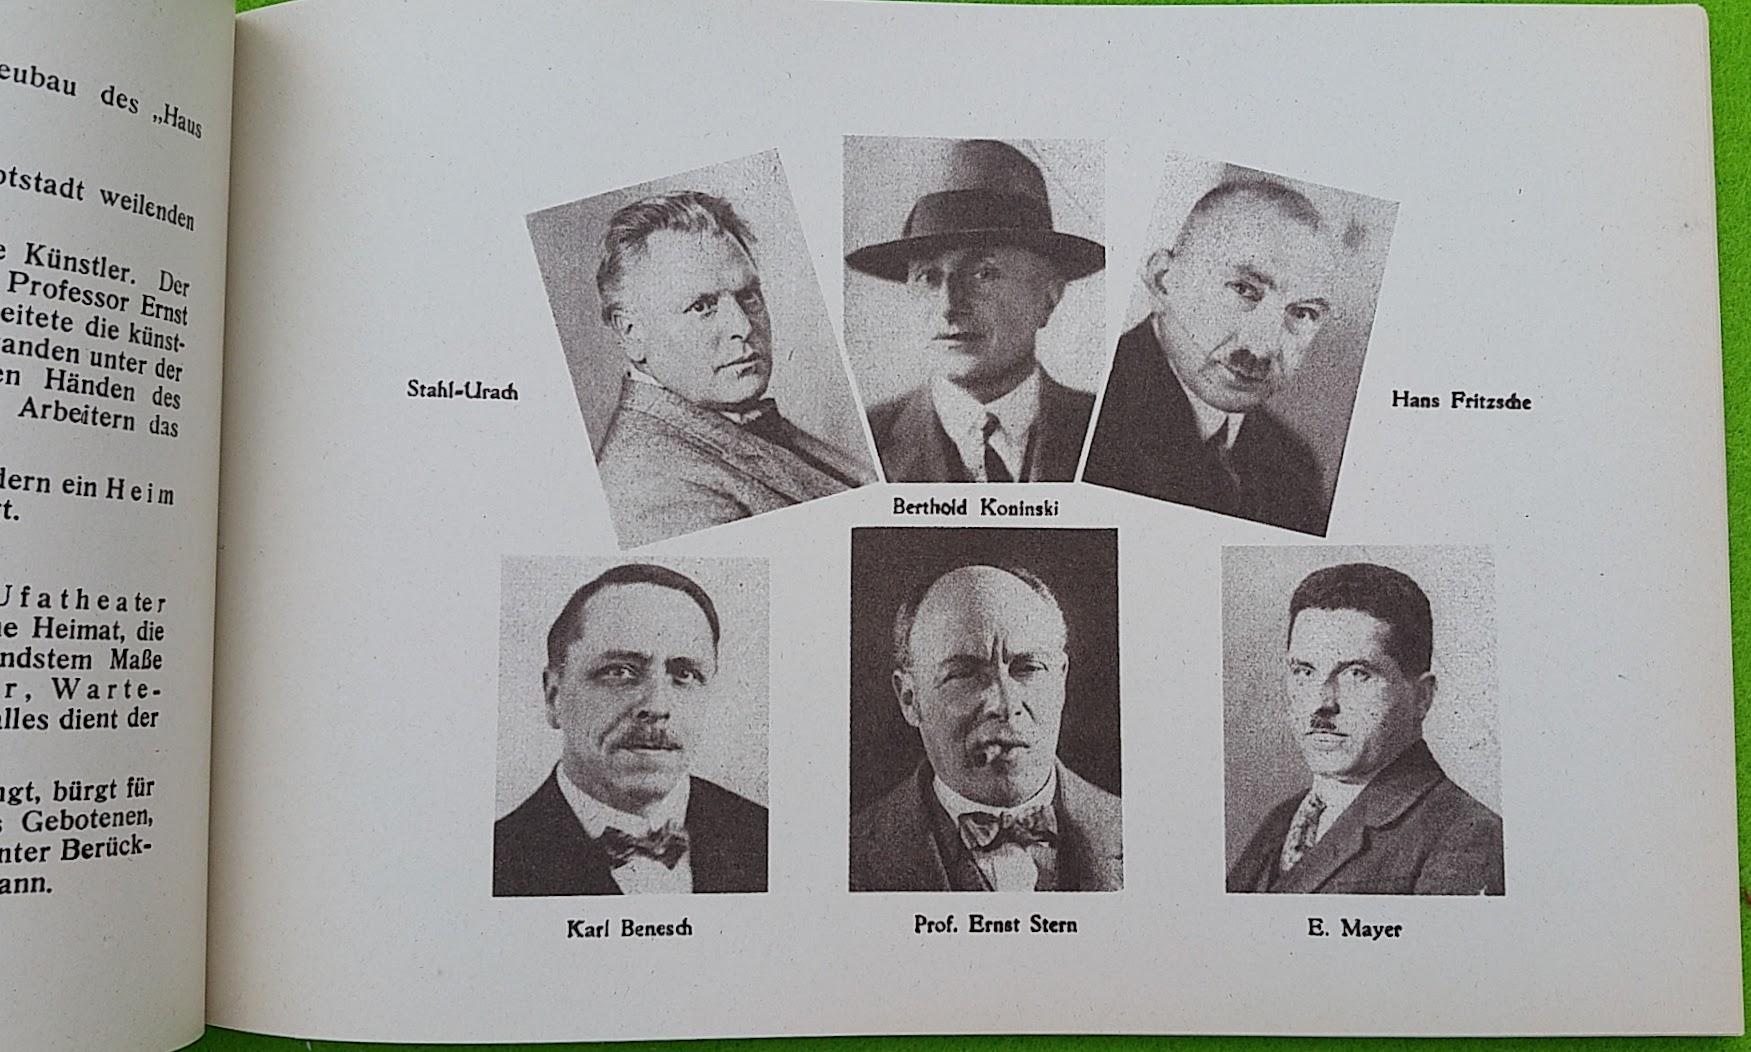 Begleitheft zur Eröffnung von Haus Vaterland am Potsdamer Platz, Berlin, 31. August 1928 - Architekten und Planer